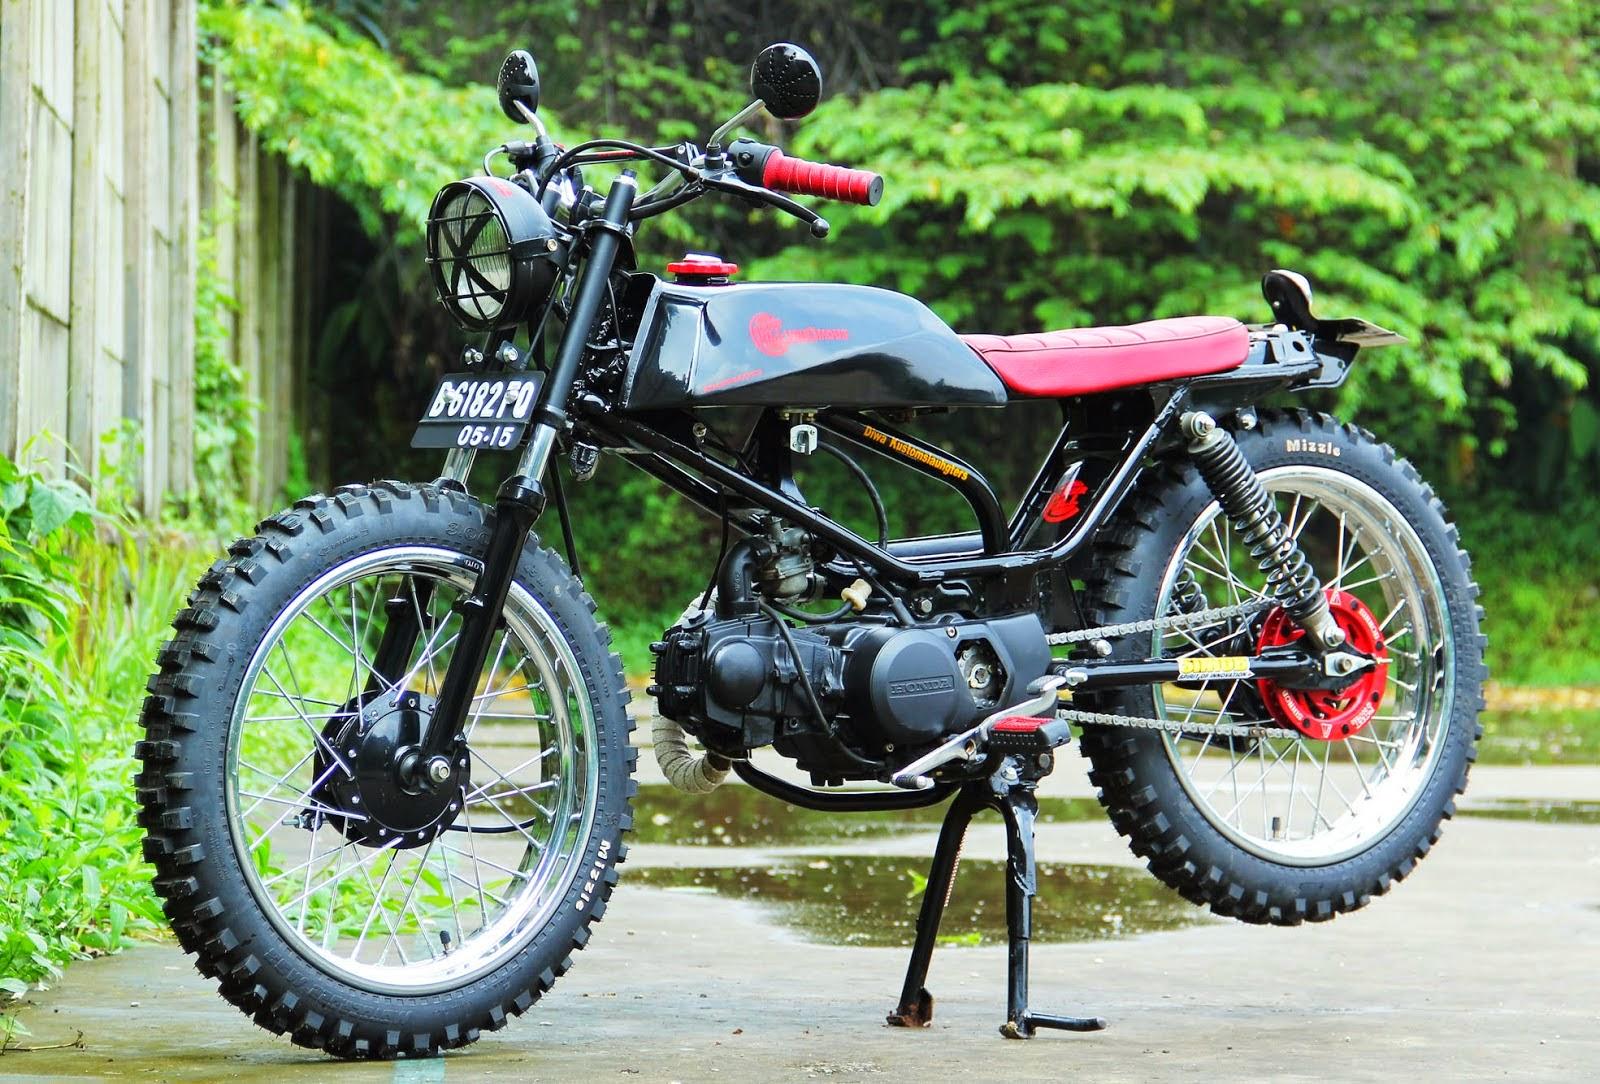 Modifikasi Motor Honda Jadi Harley Gambar Modifikasi Terbaru